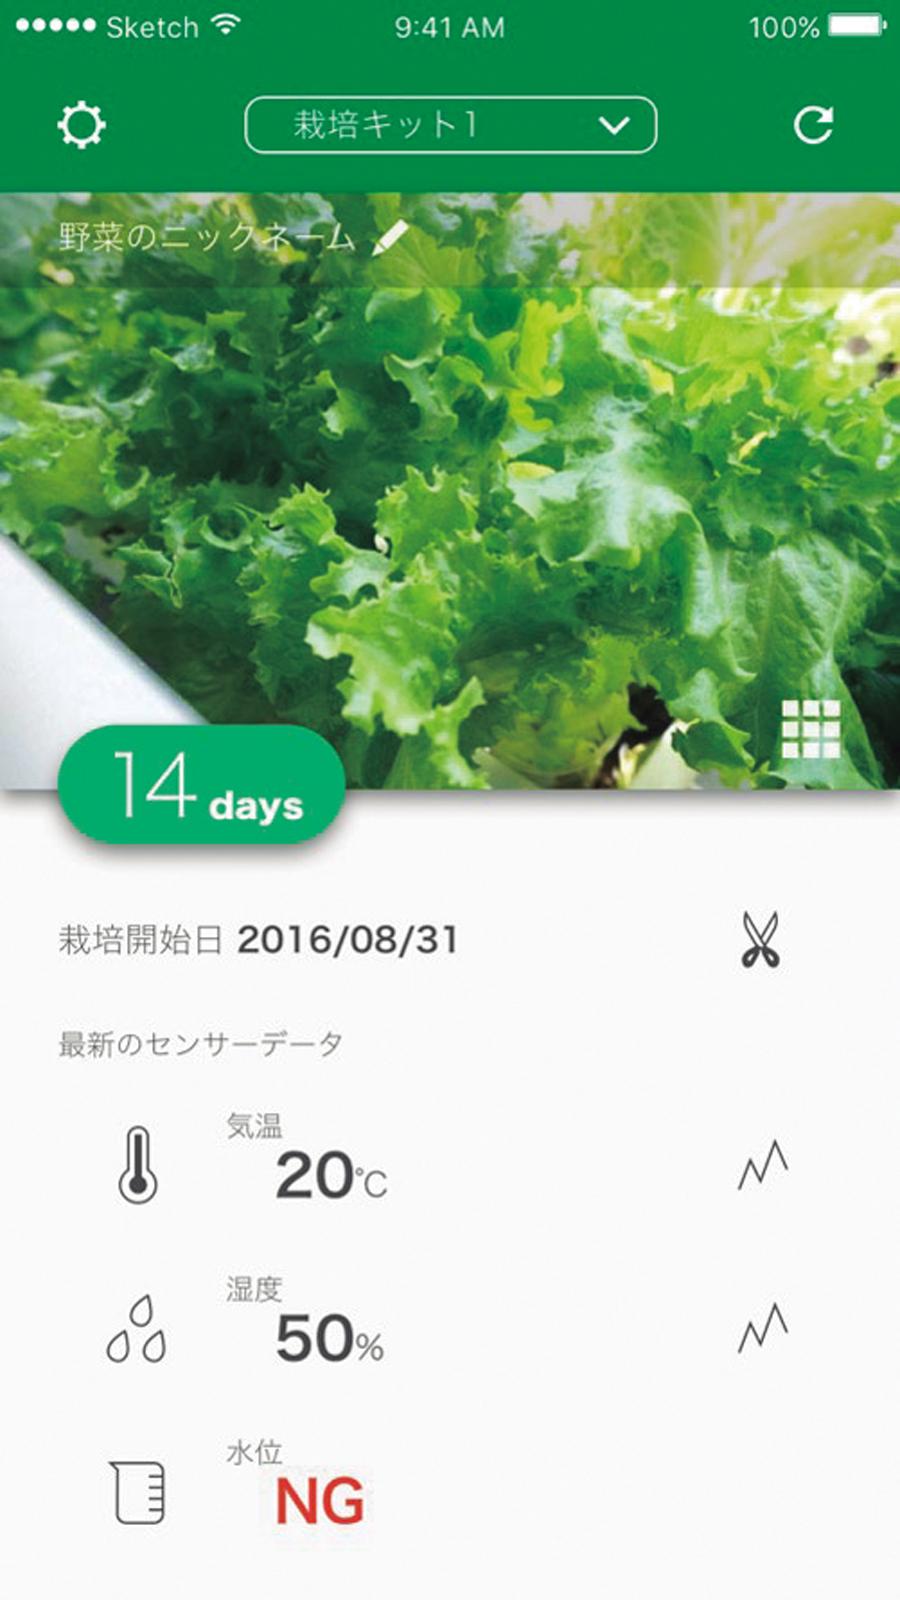 ↑ 野菜の育ち具合を毎日スマホでチェック可能。水位などが低くなるとアラートが出る